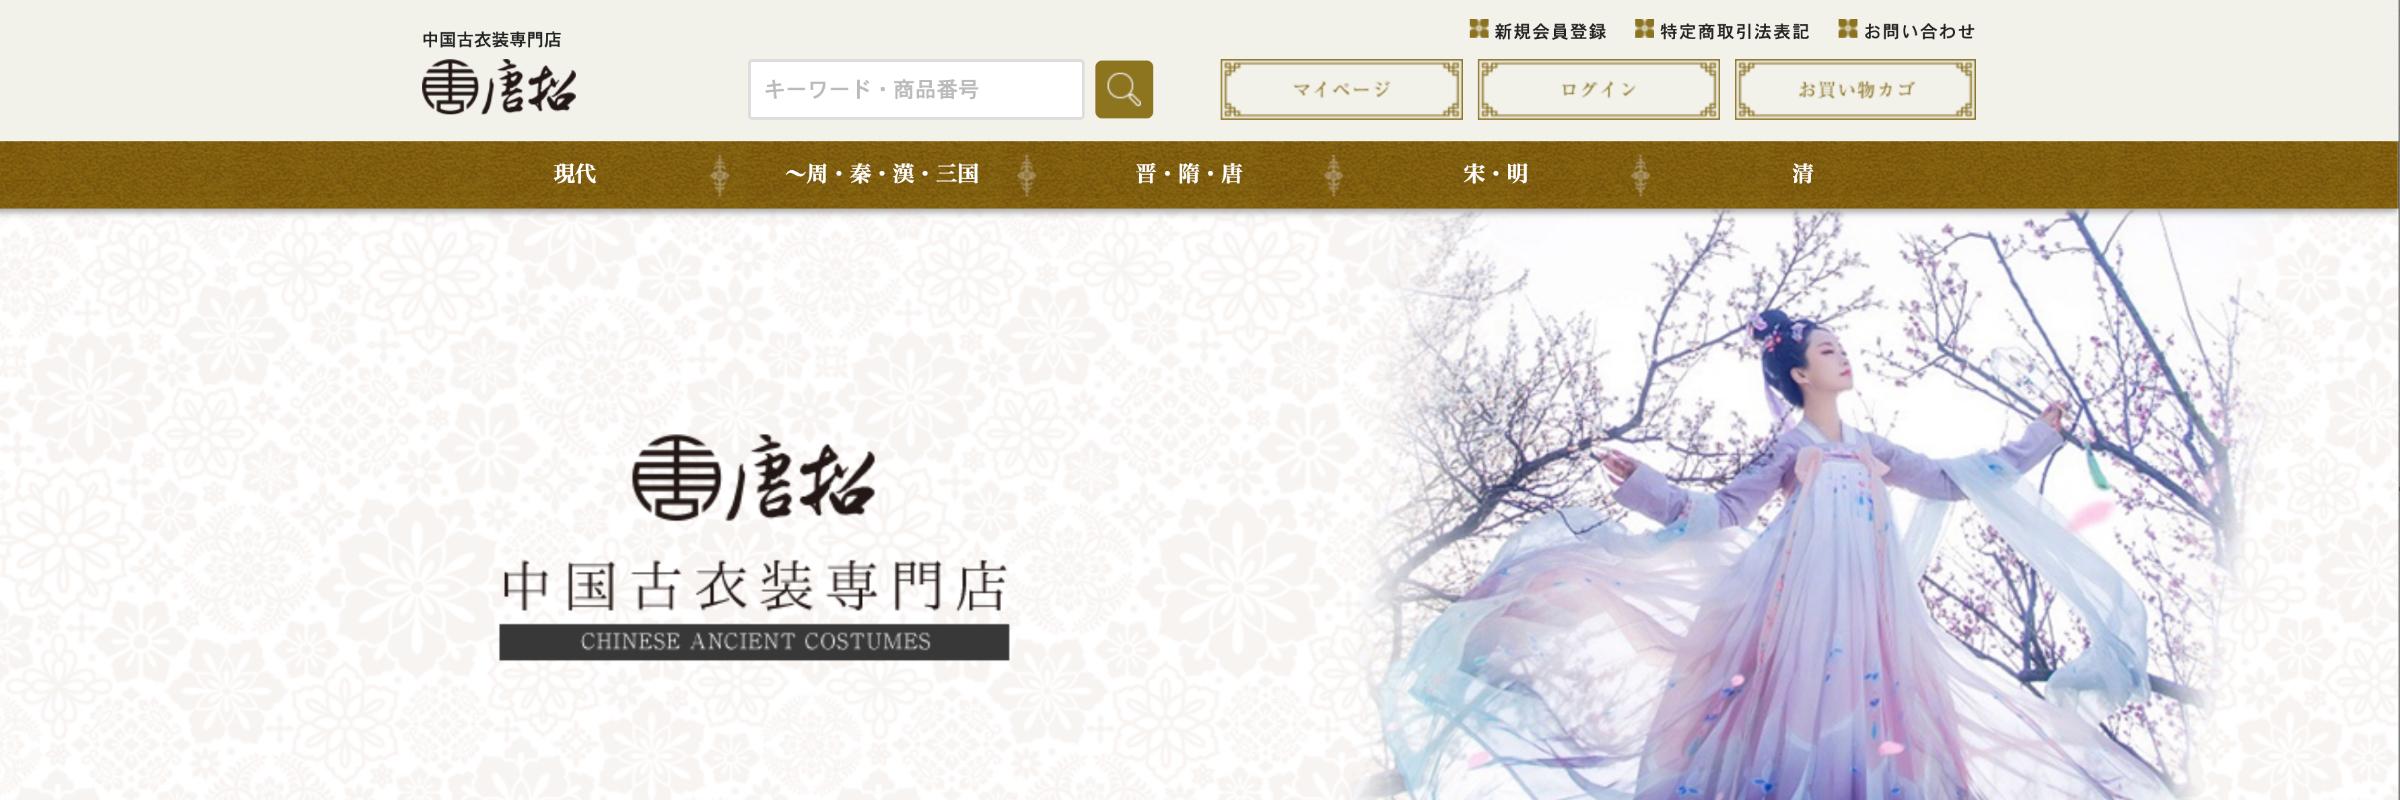 中国古衣装専門ECサイトの構築